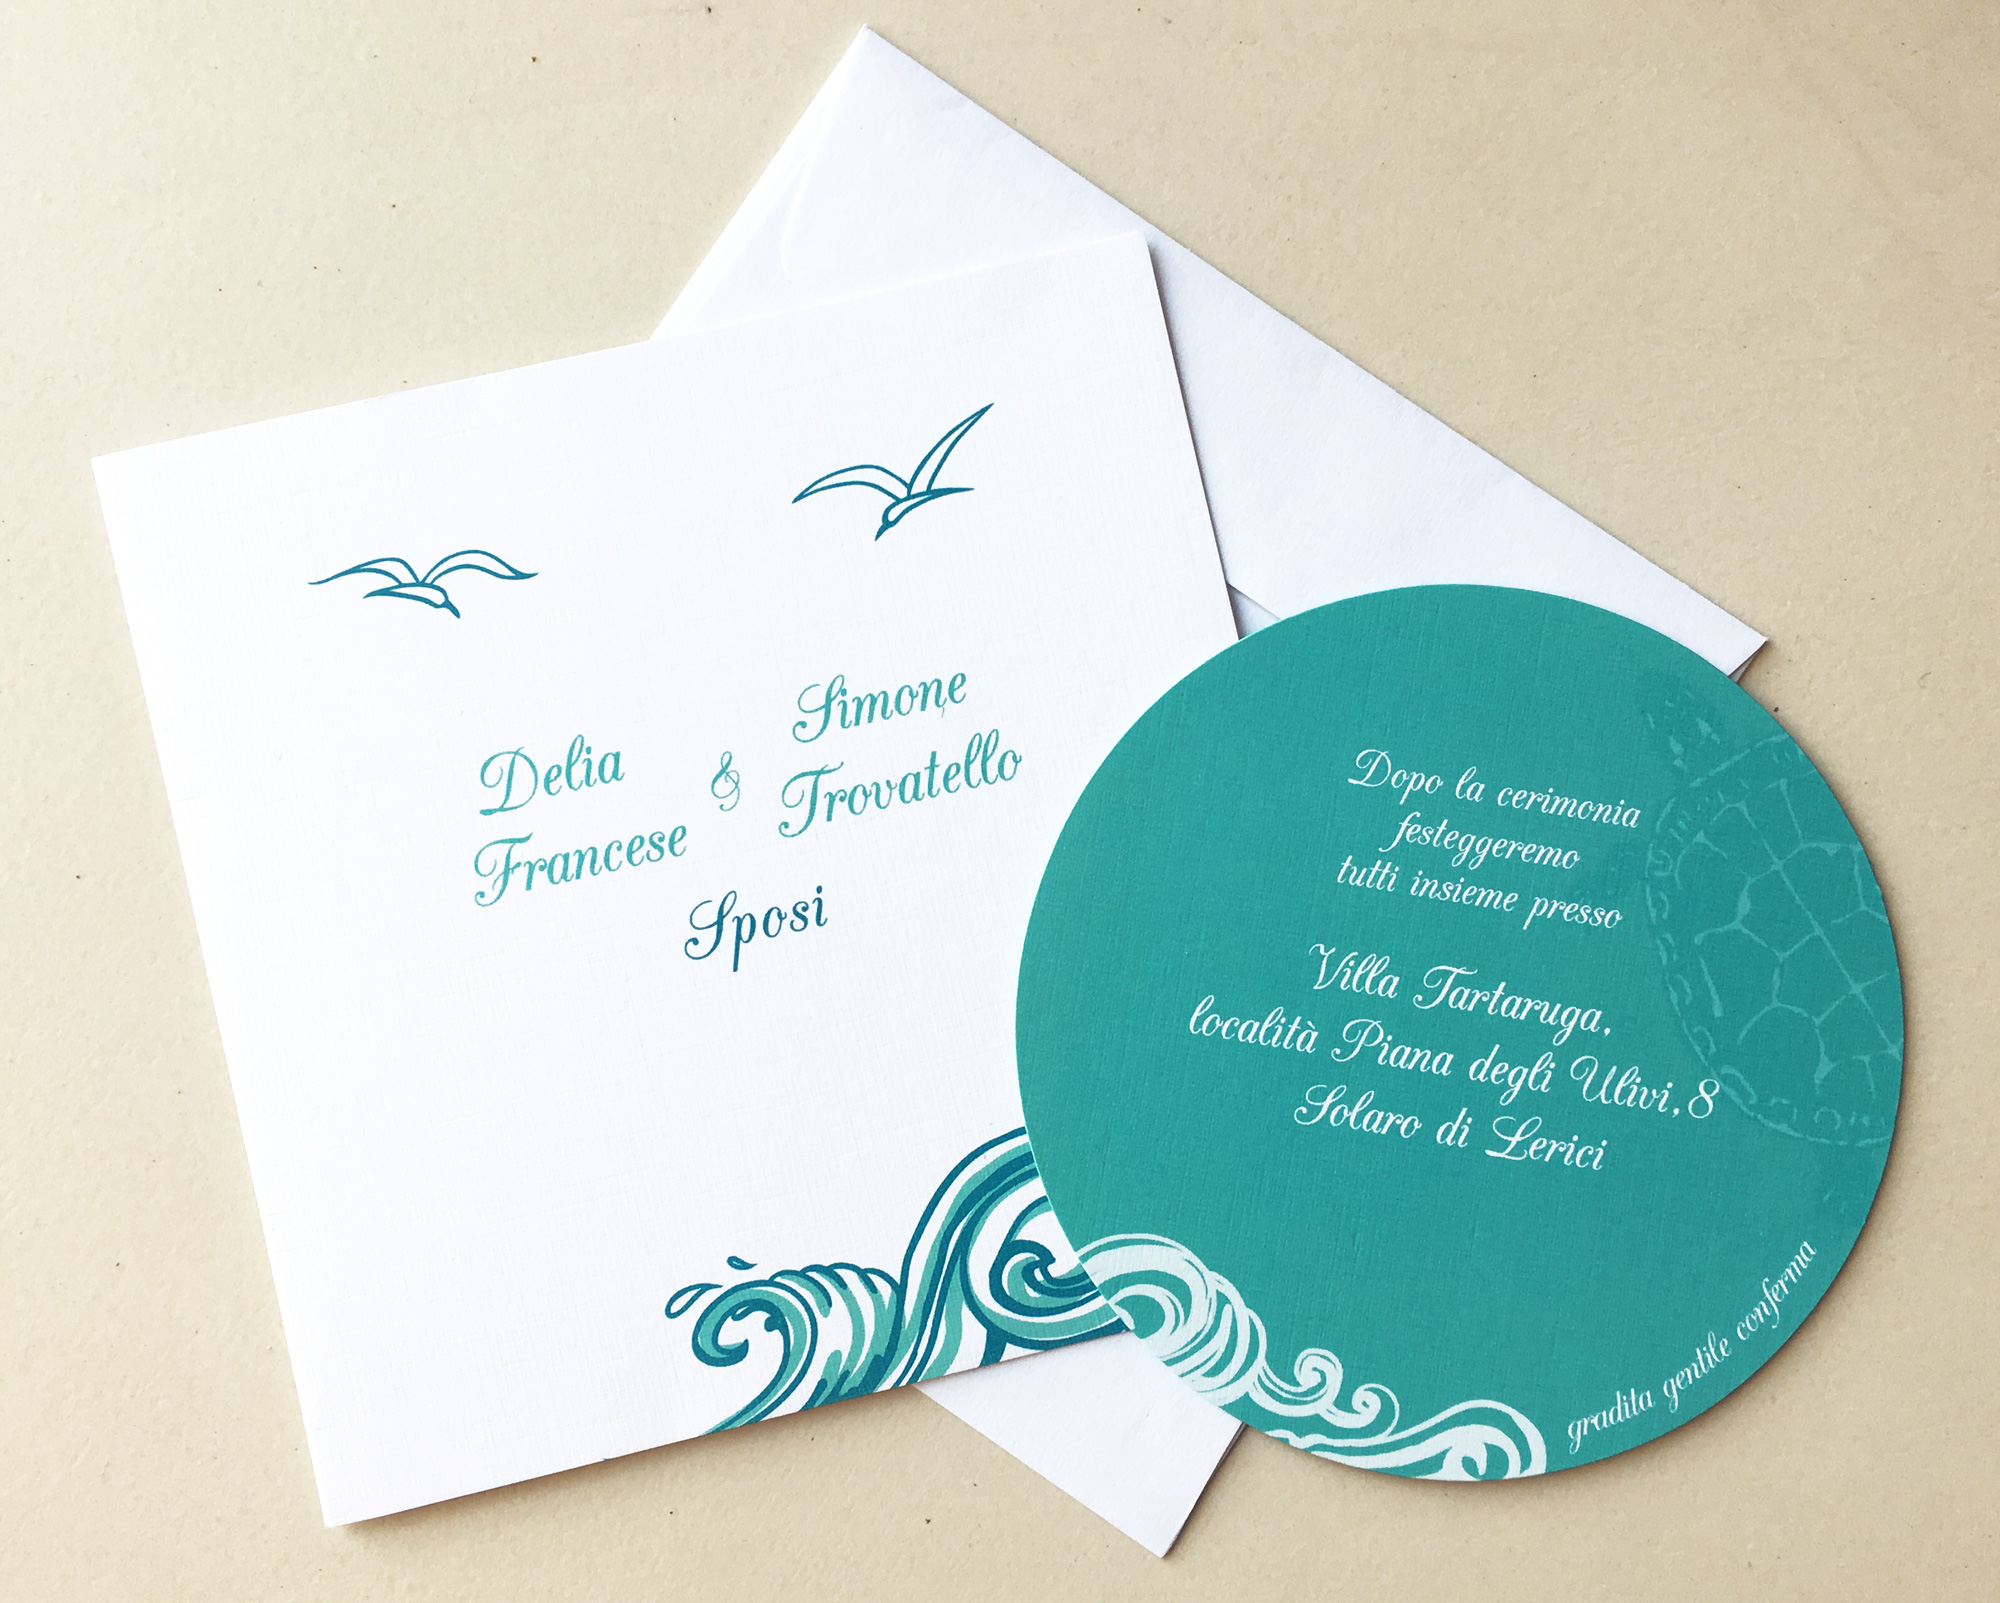 Partecipazioni Matrimonio Color Tiffany.Invito Matrimonio E Partecipazione Shakti Creative Service